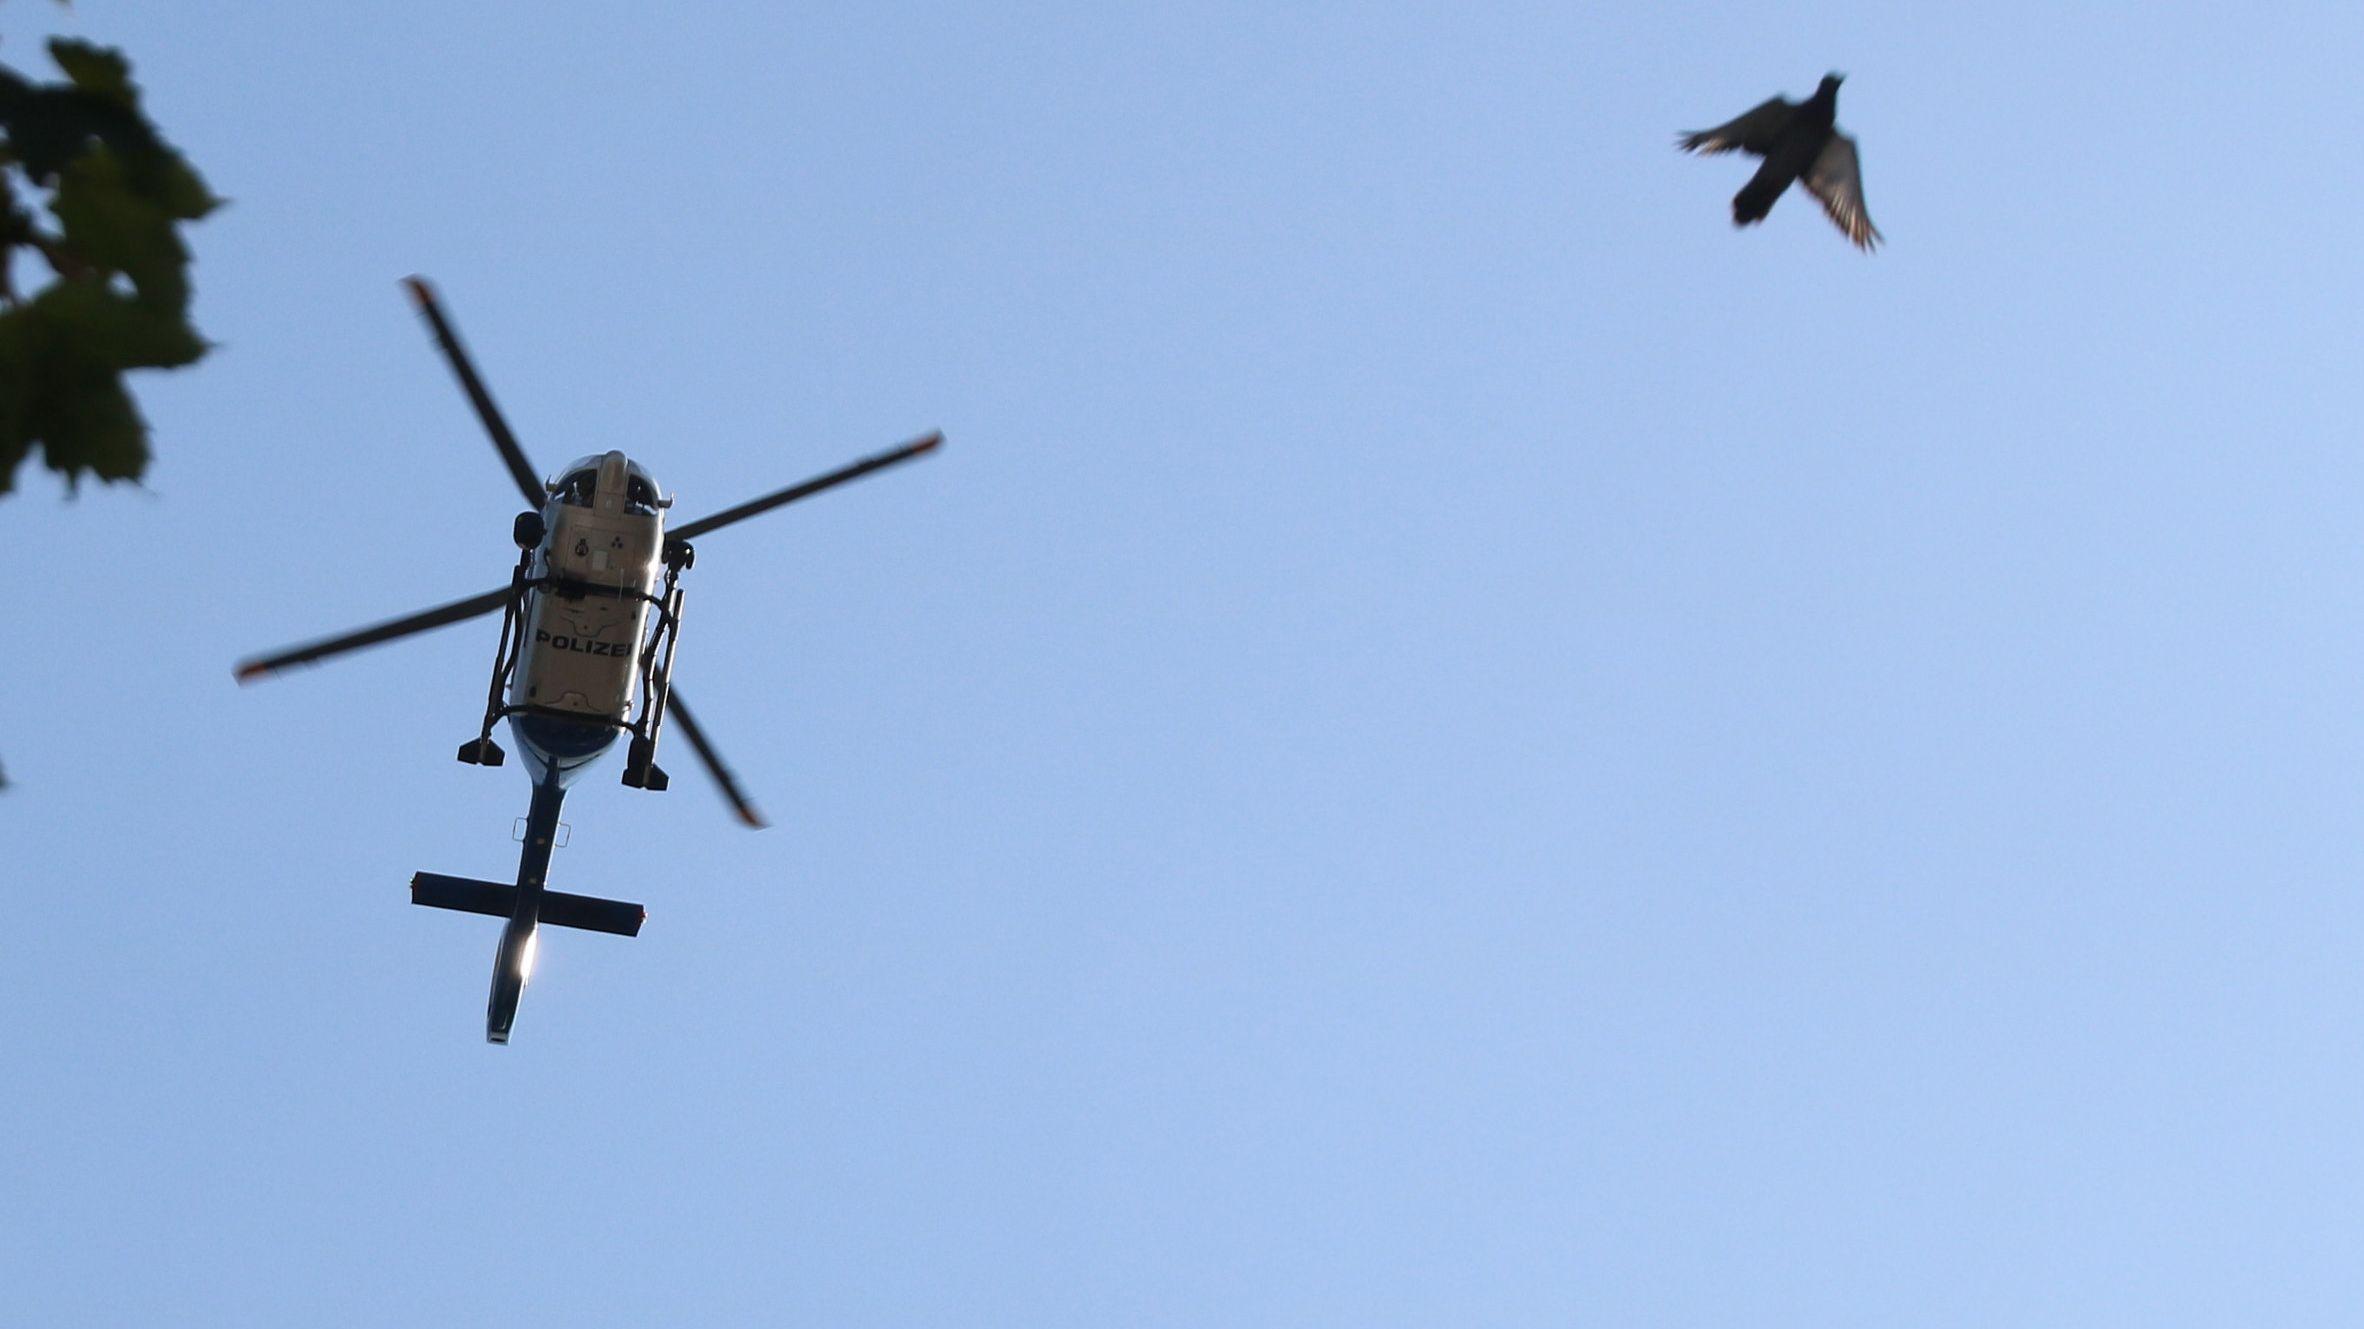 Hubschrauber-Fahndung nach Memminger Ausbrechern